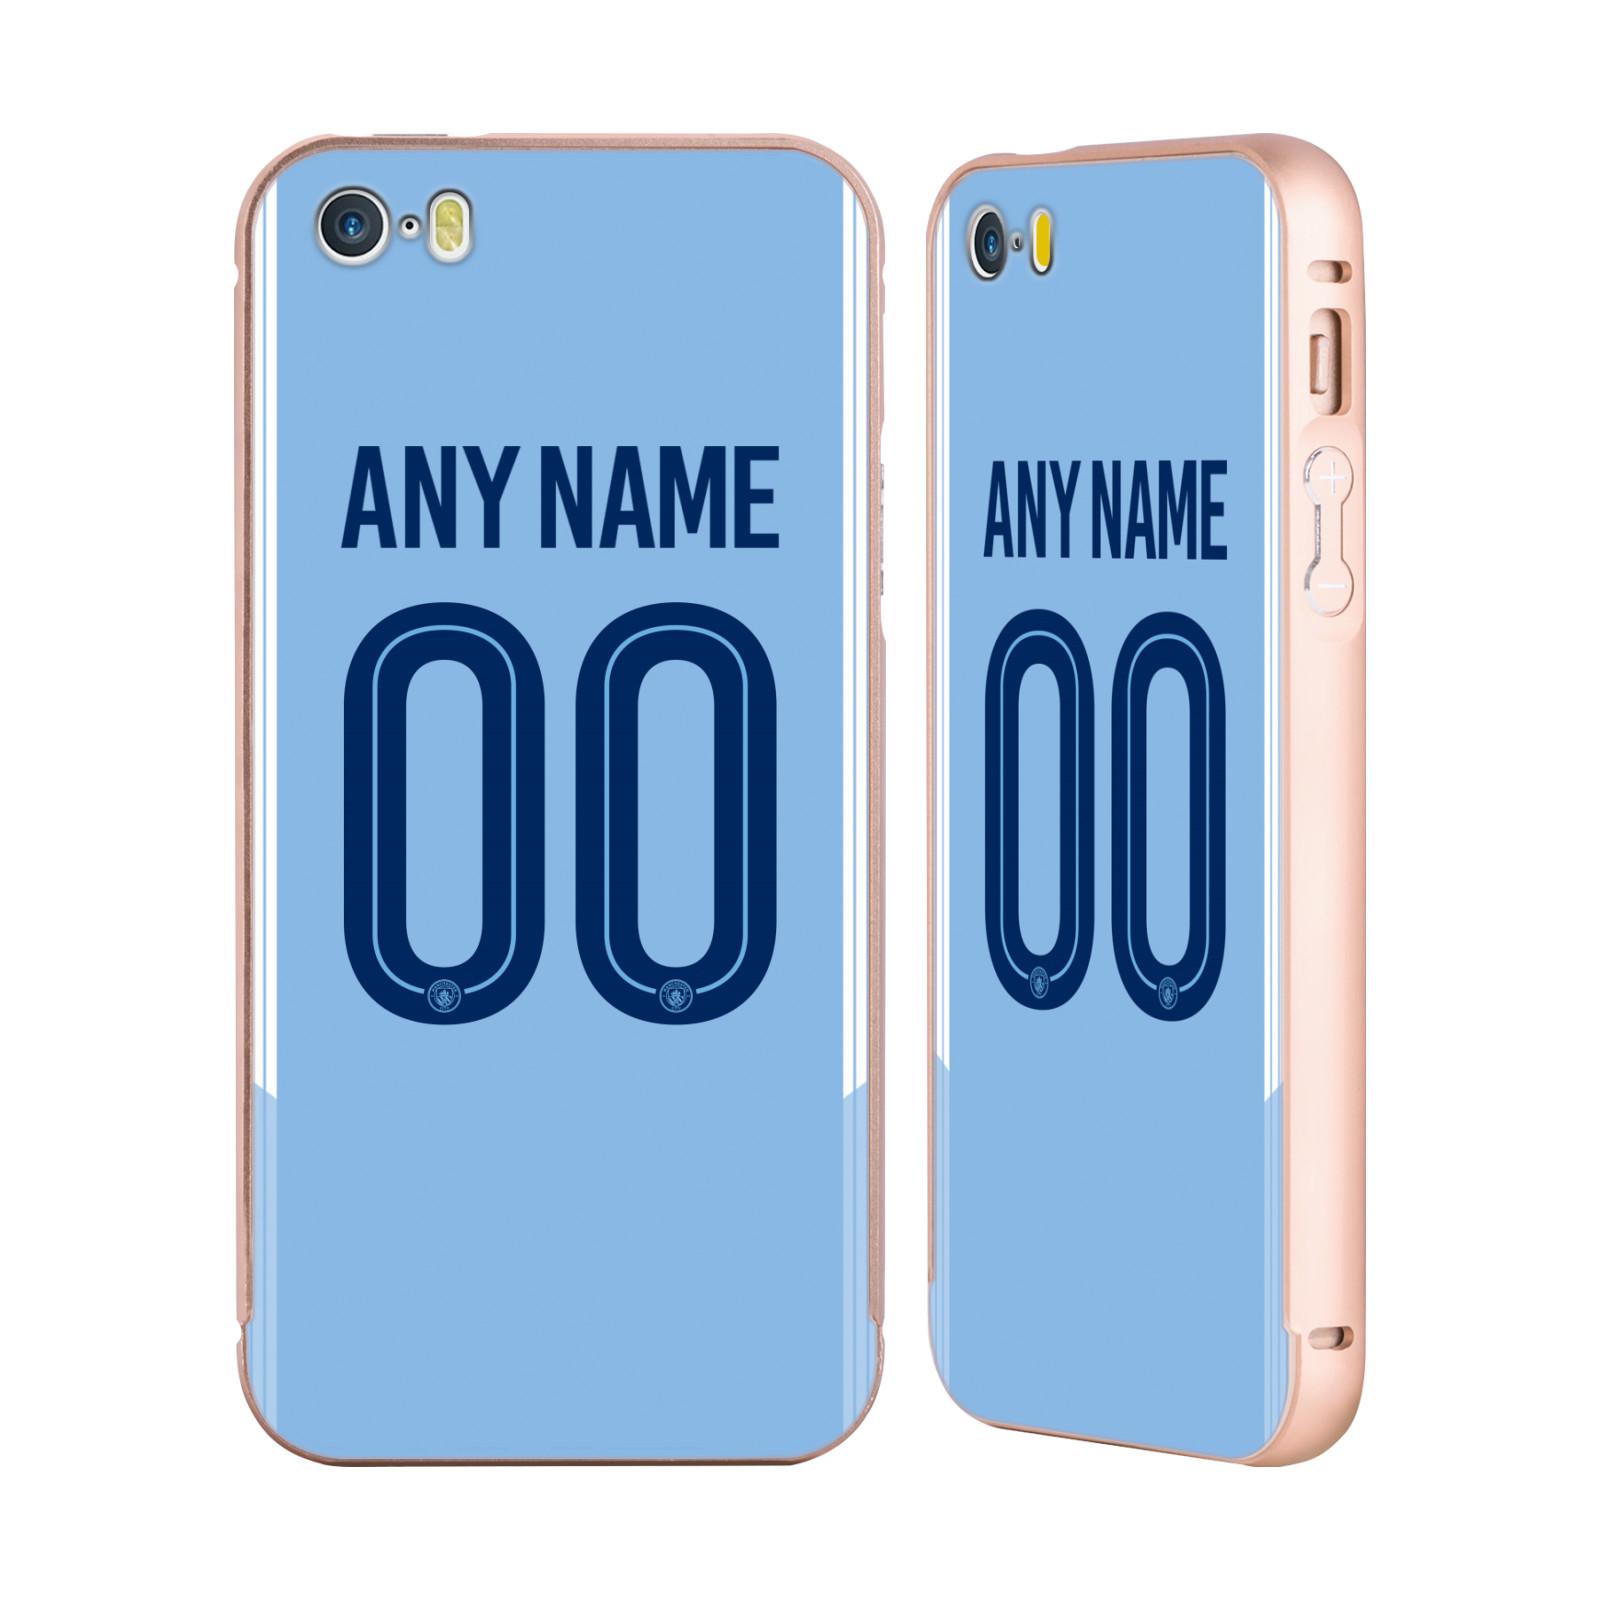 CUSTOM-MANCHESTER-CITY-FC-2017-18-LOGO-amp-KIT-GOLD-SLIDER-CASE-FOR-iPHONE-PHONES